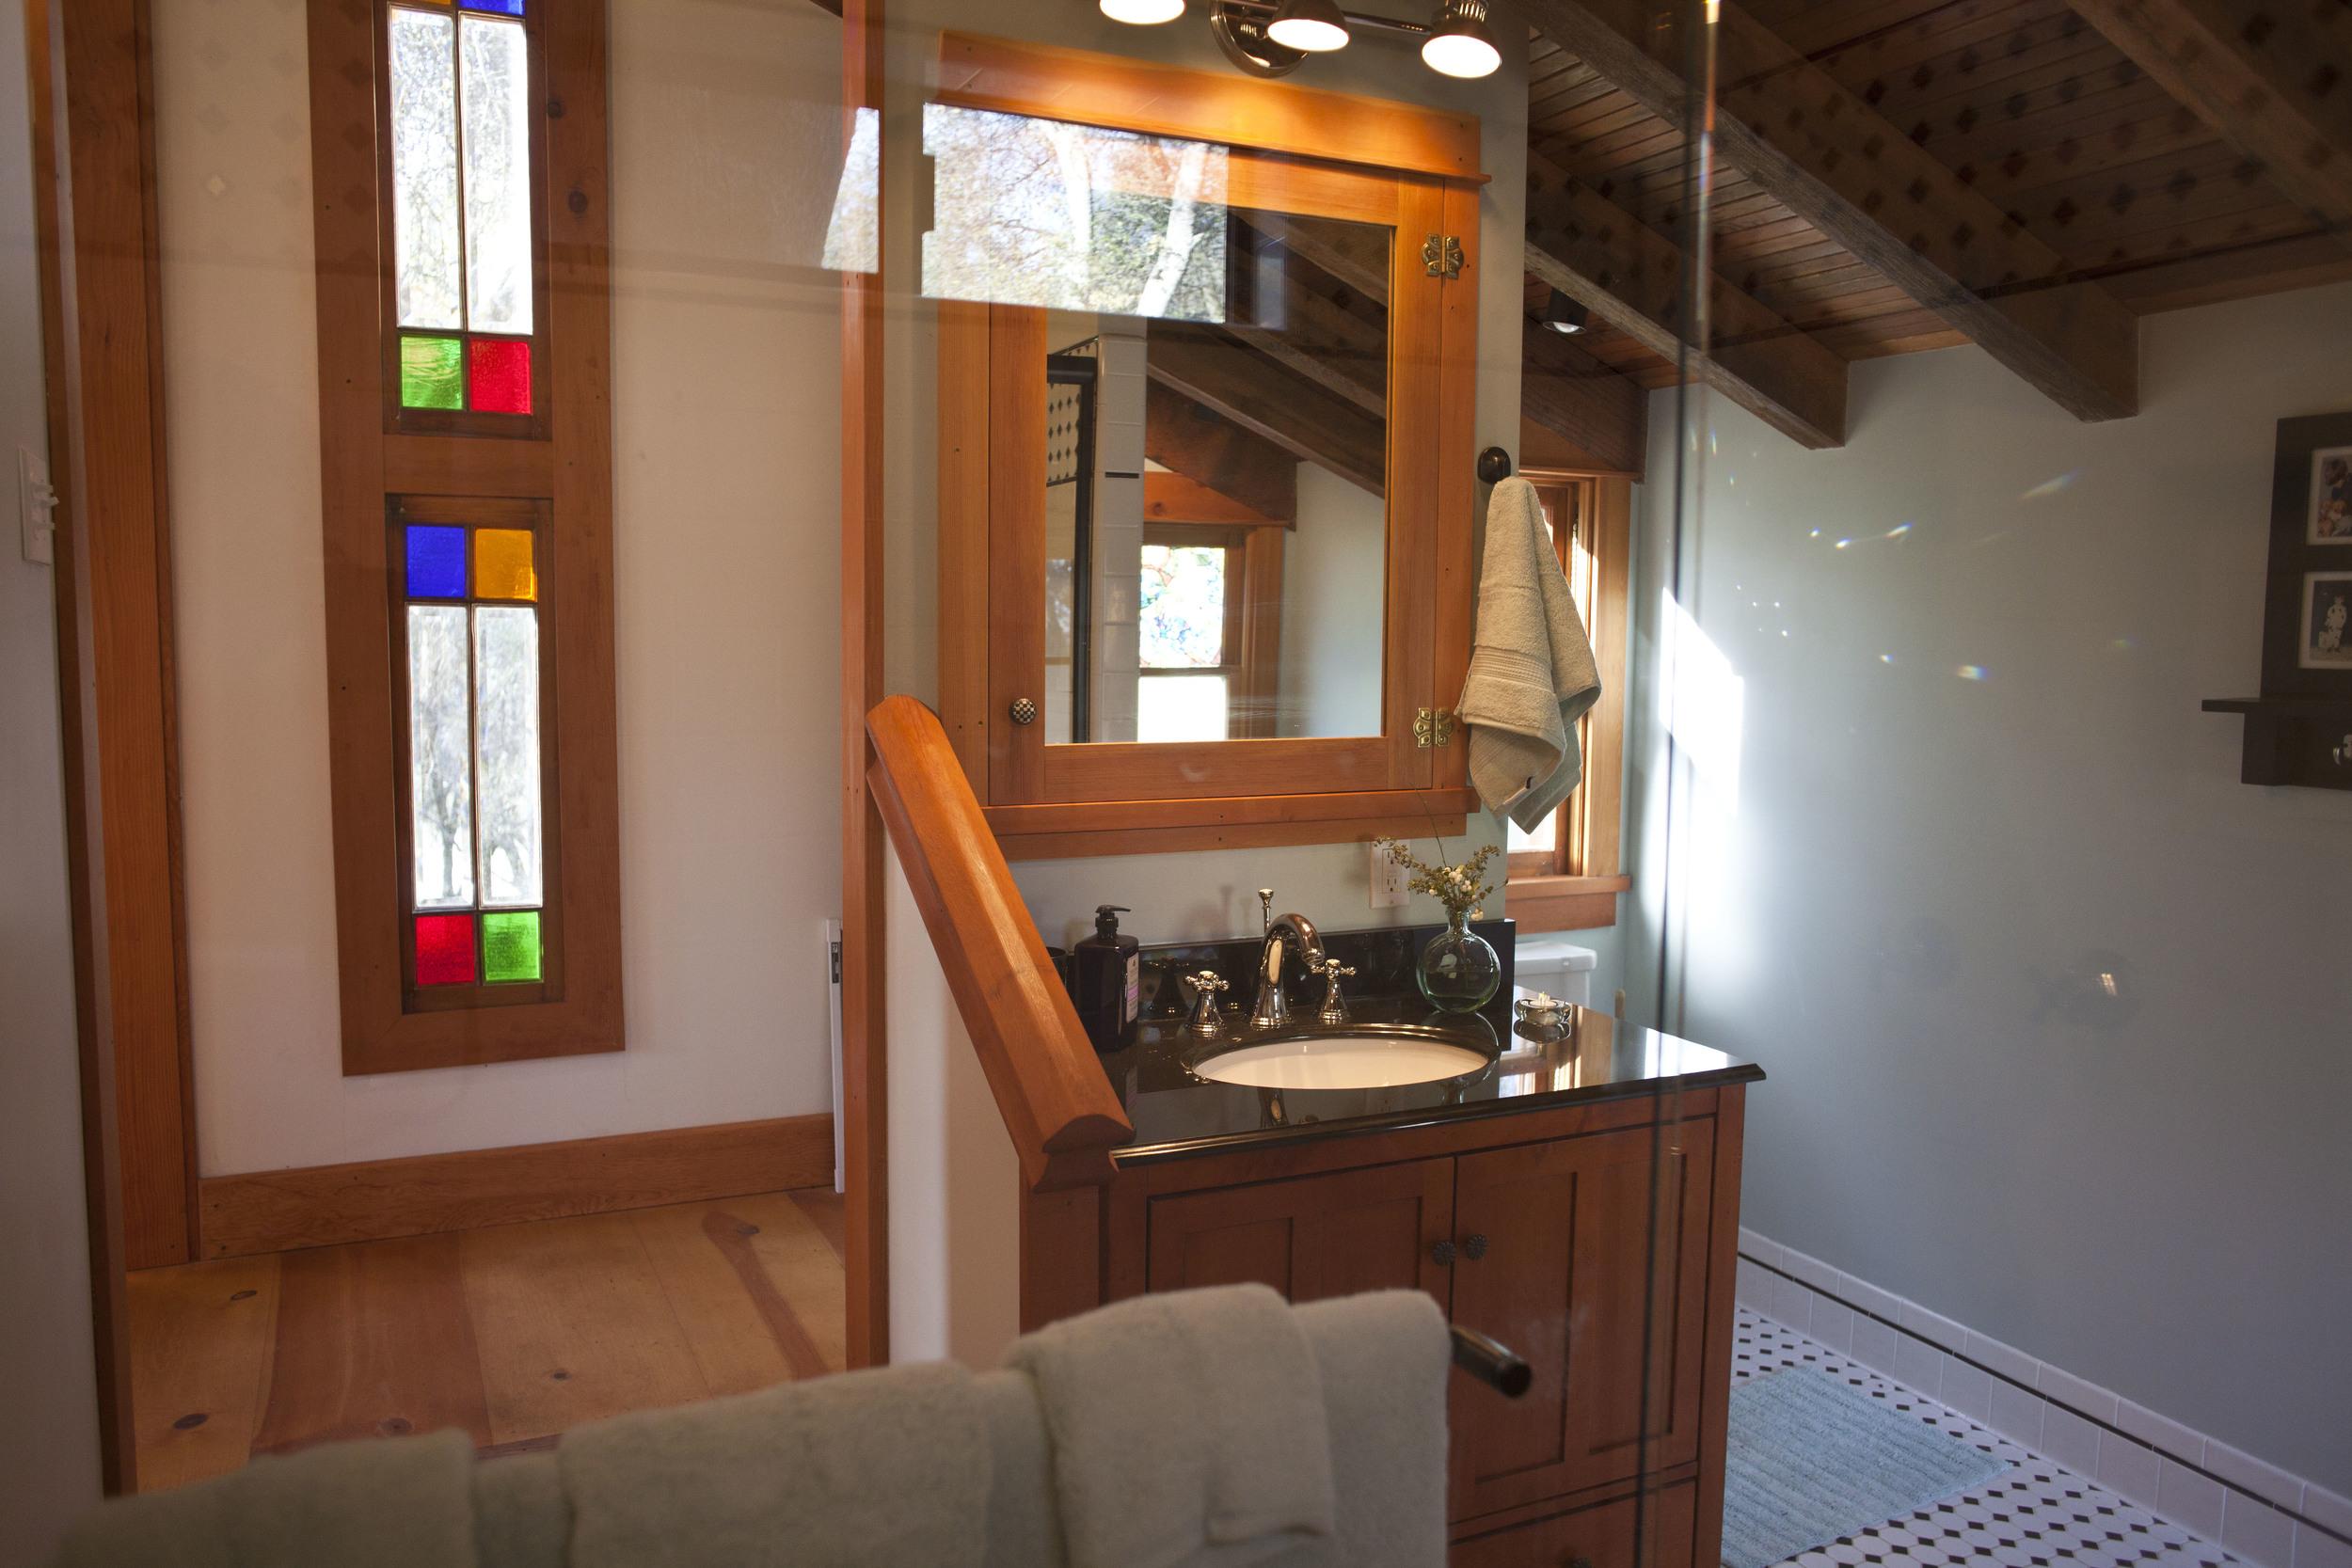 Cabin Int 8.jpg